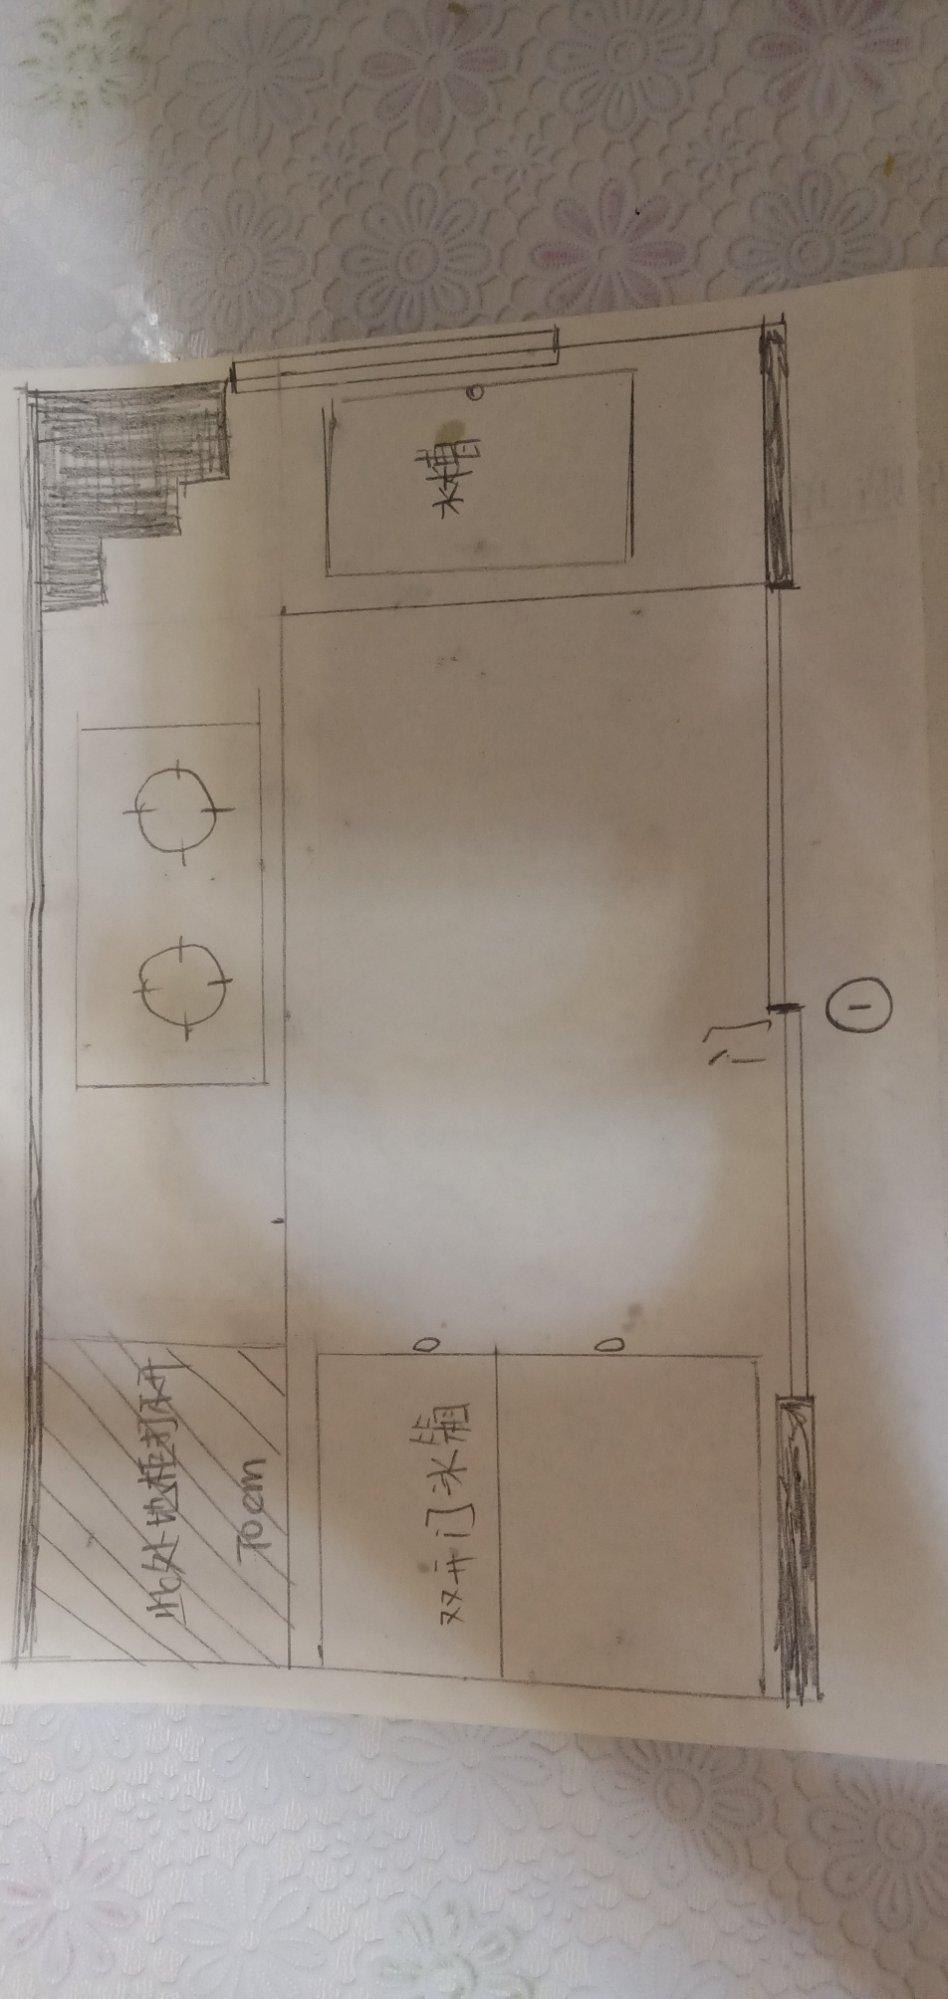 厨房布局有没有更换的方案?